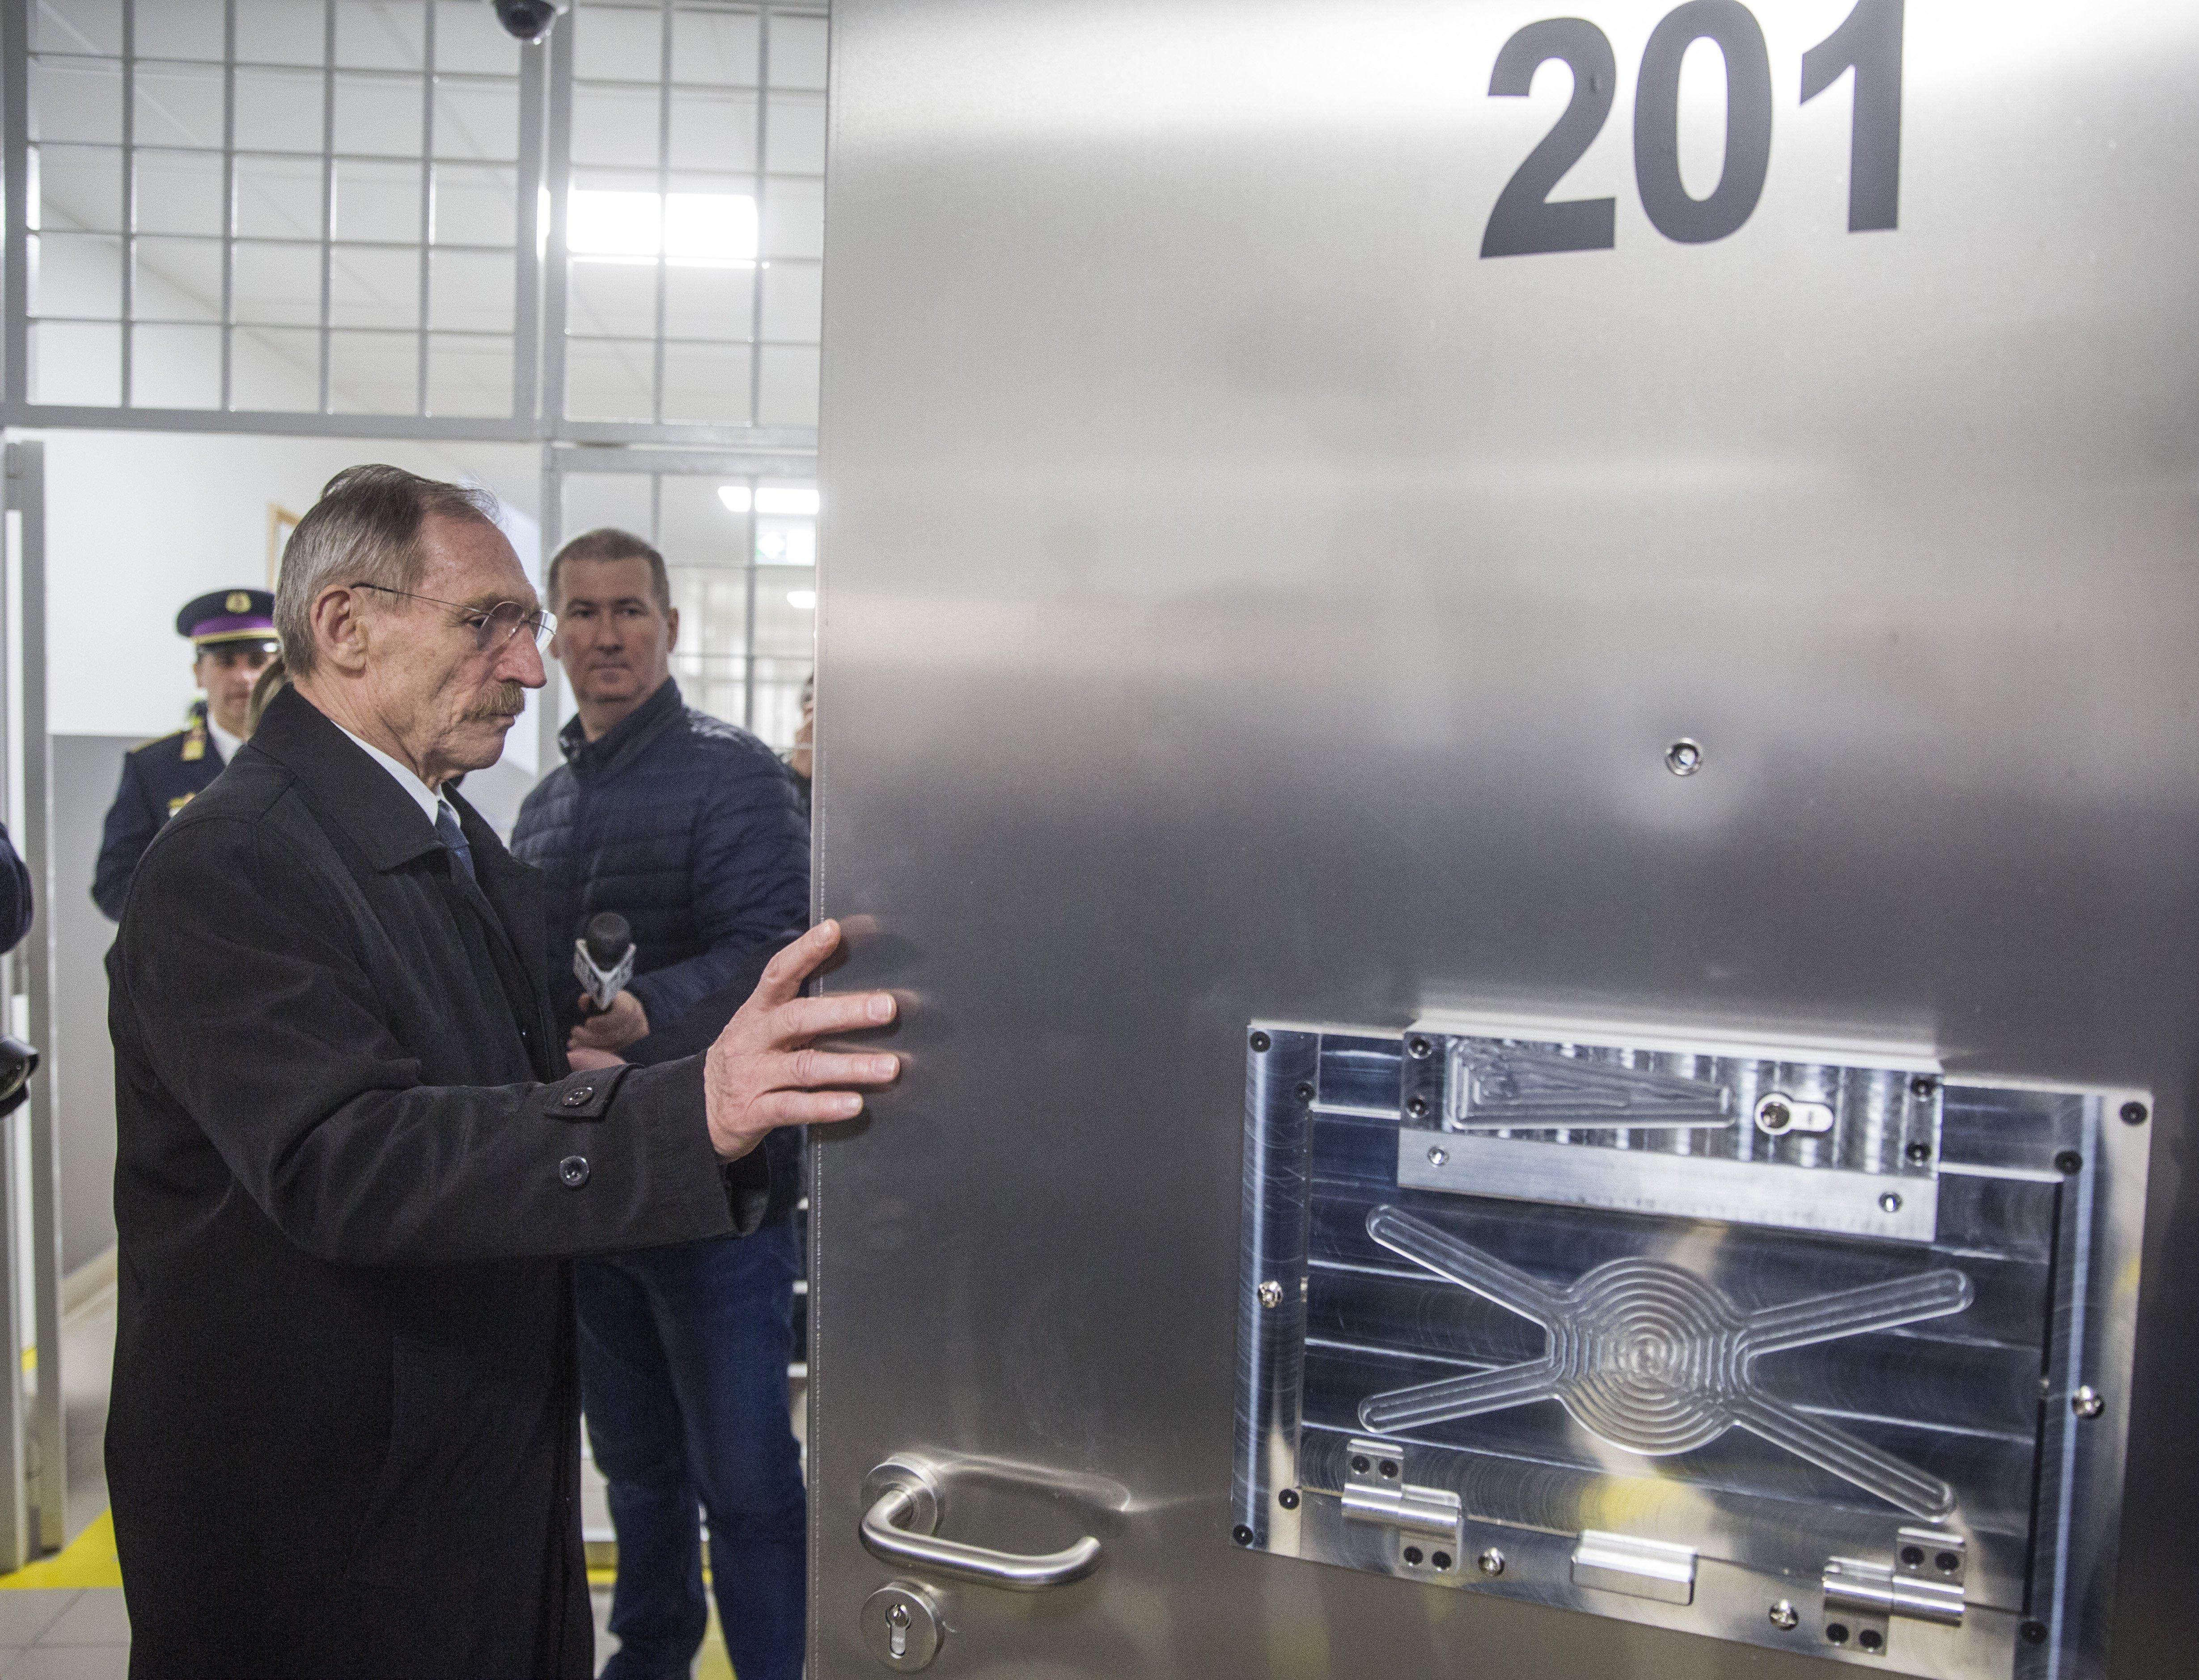 Az Orbán-kormány is európai börtönöket akart, aztán mégsem építették meg őket